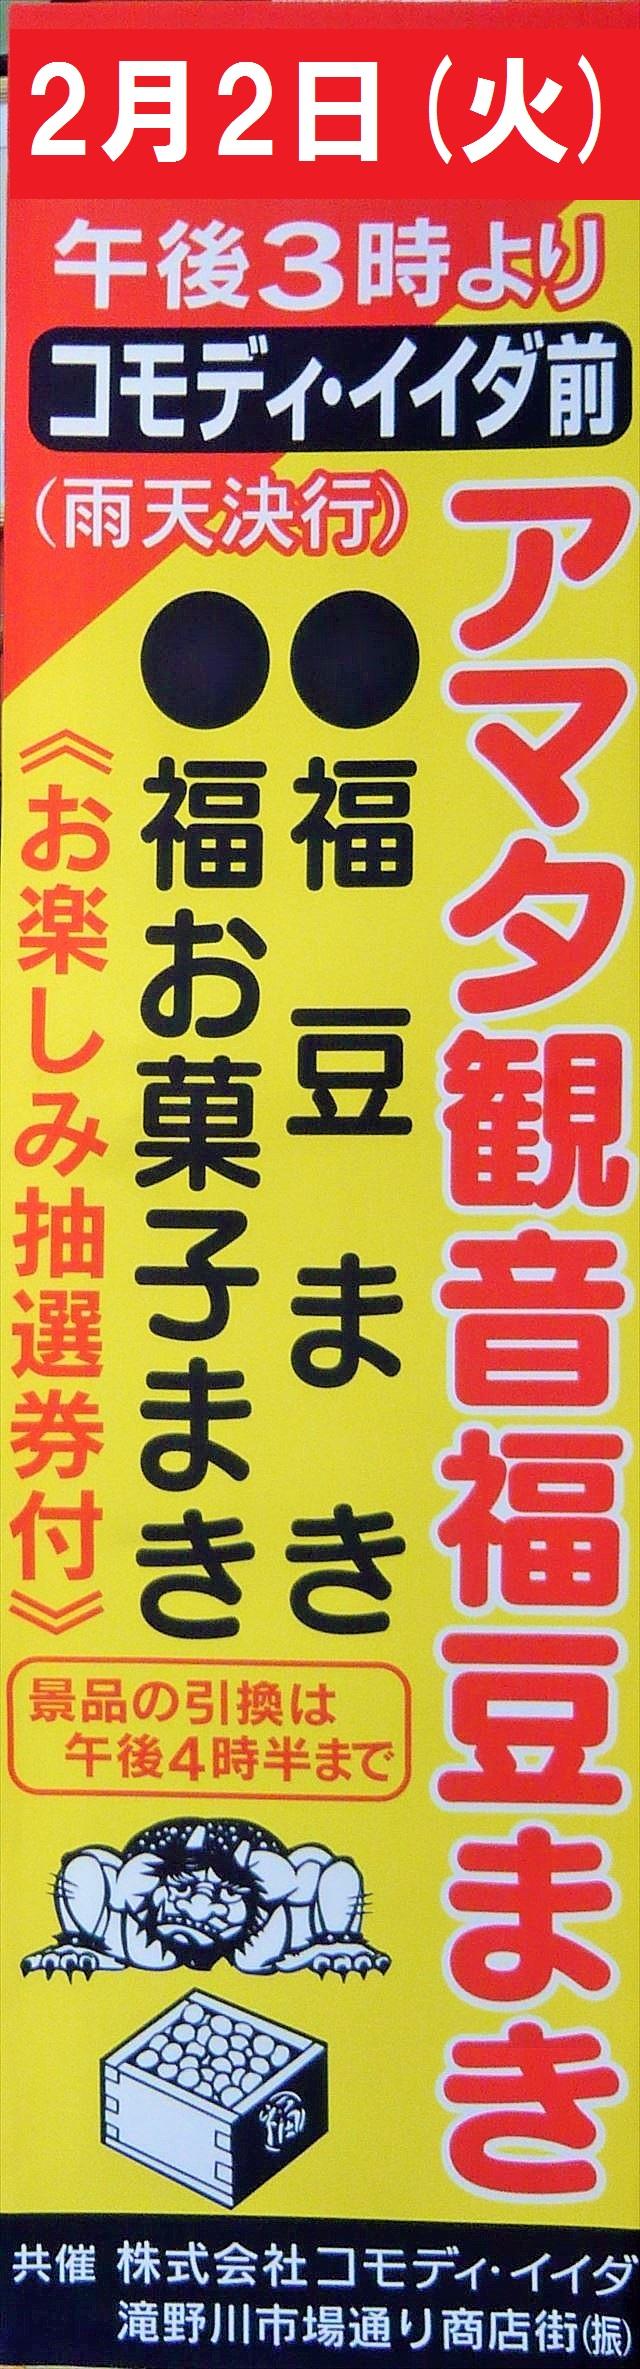 福豆まき開催のお知らせ